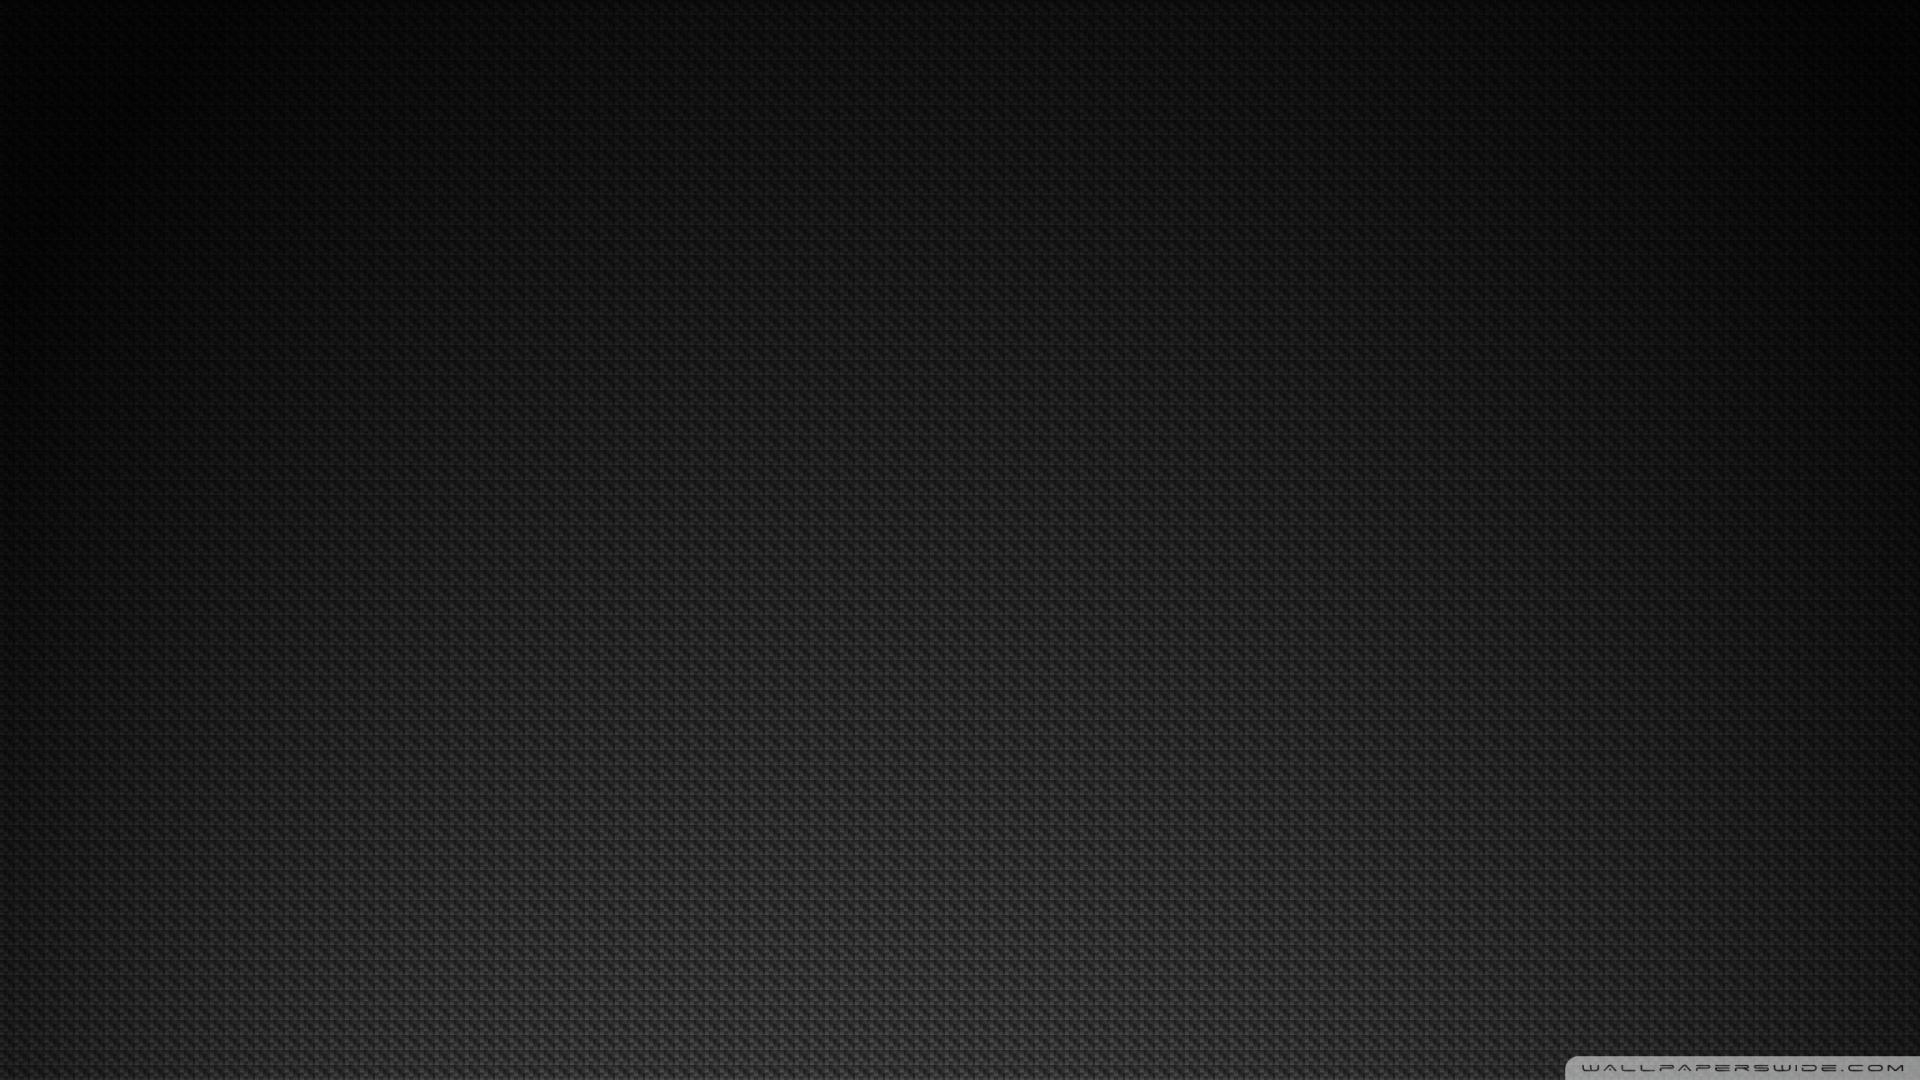 Carbon Fiber wallpaper 1920x1080 56959 1920x1080